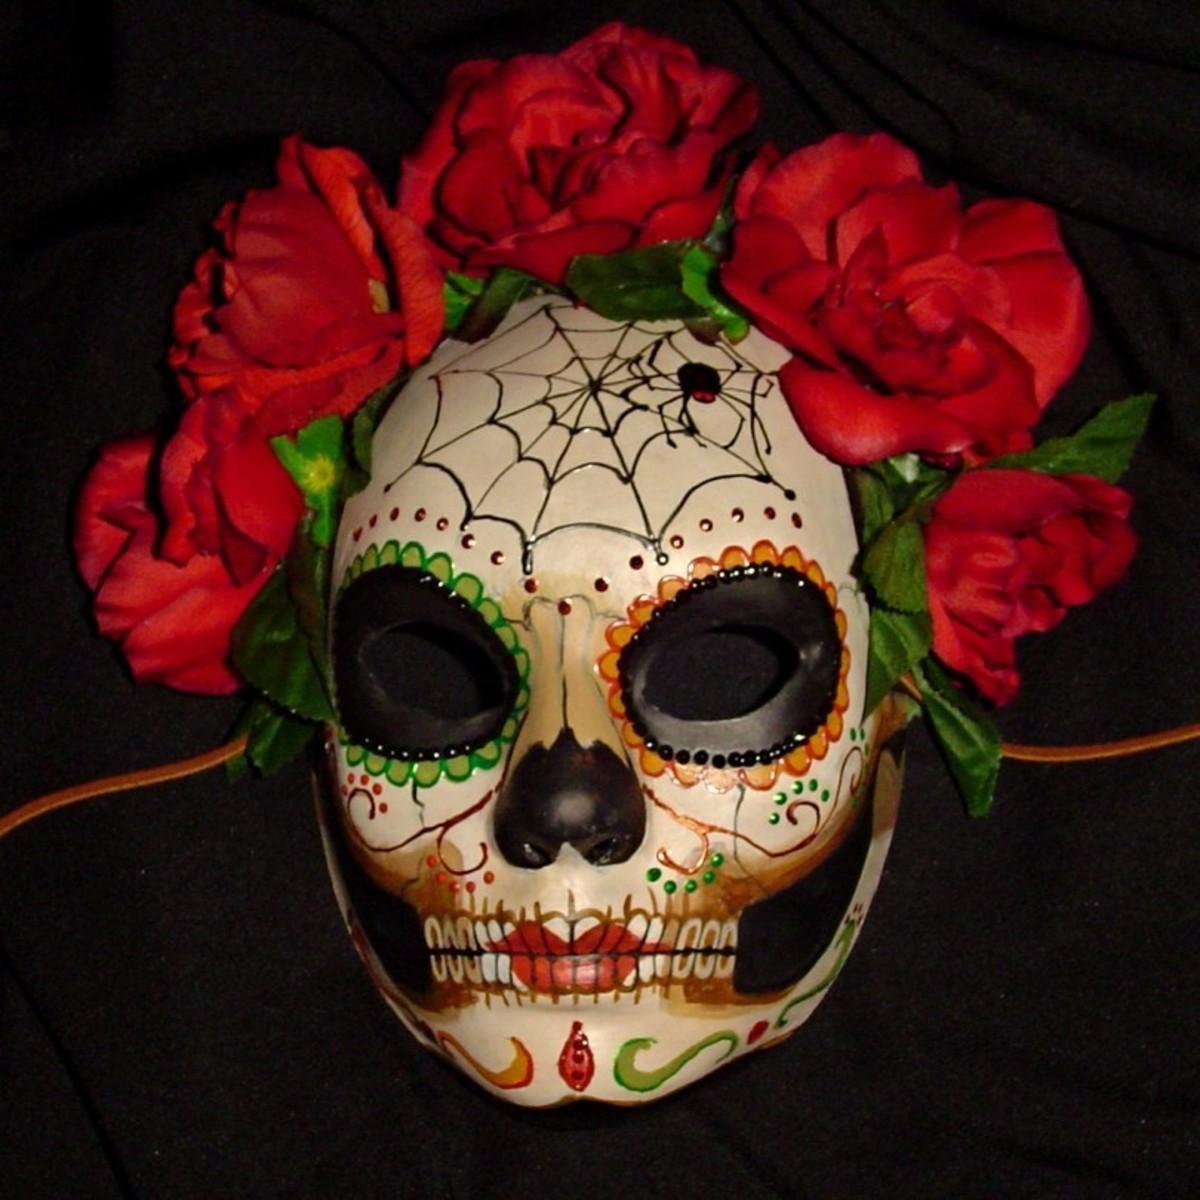 Mexican Decorated Skulls Decorative Calaveras or Skulls